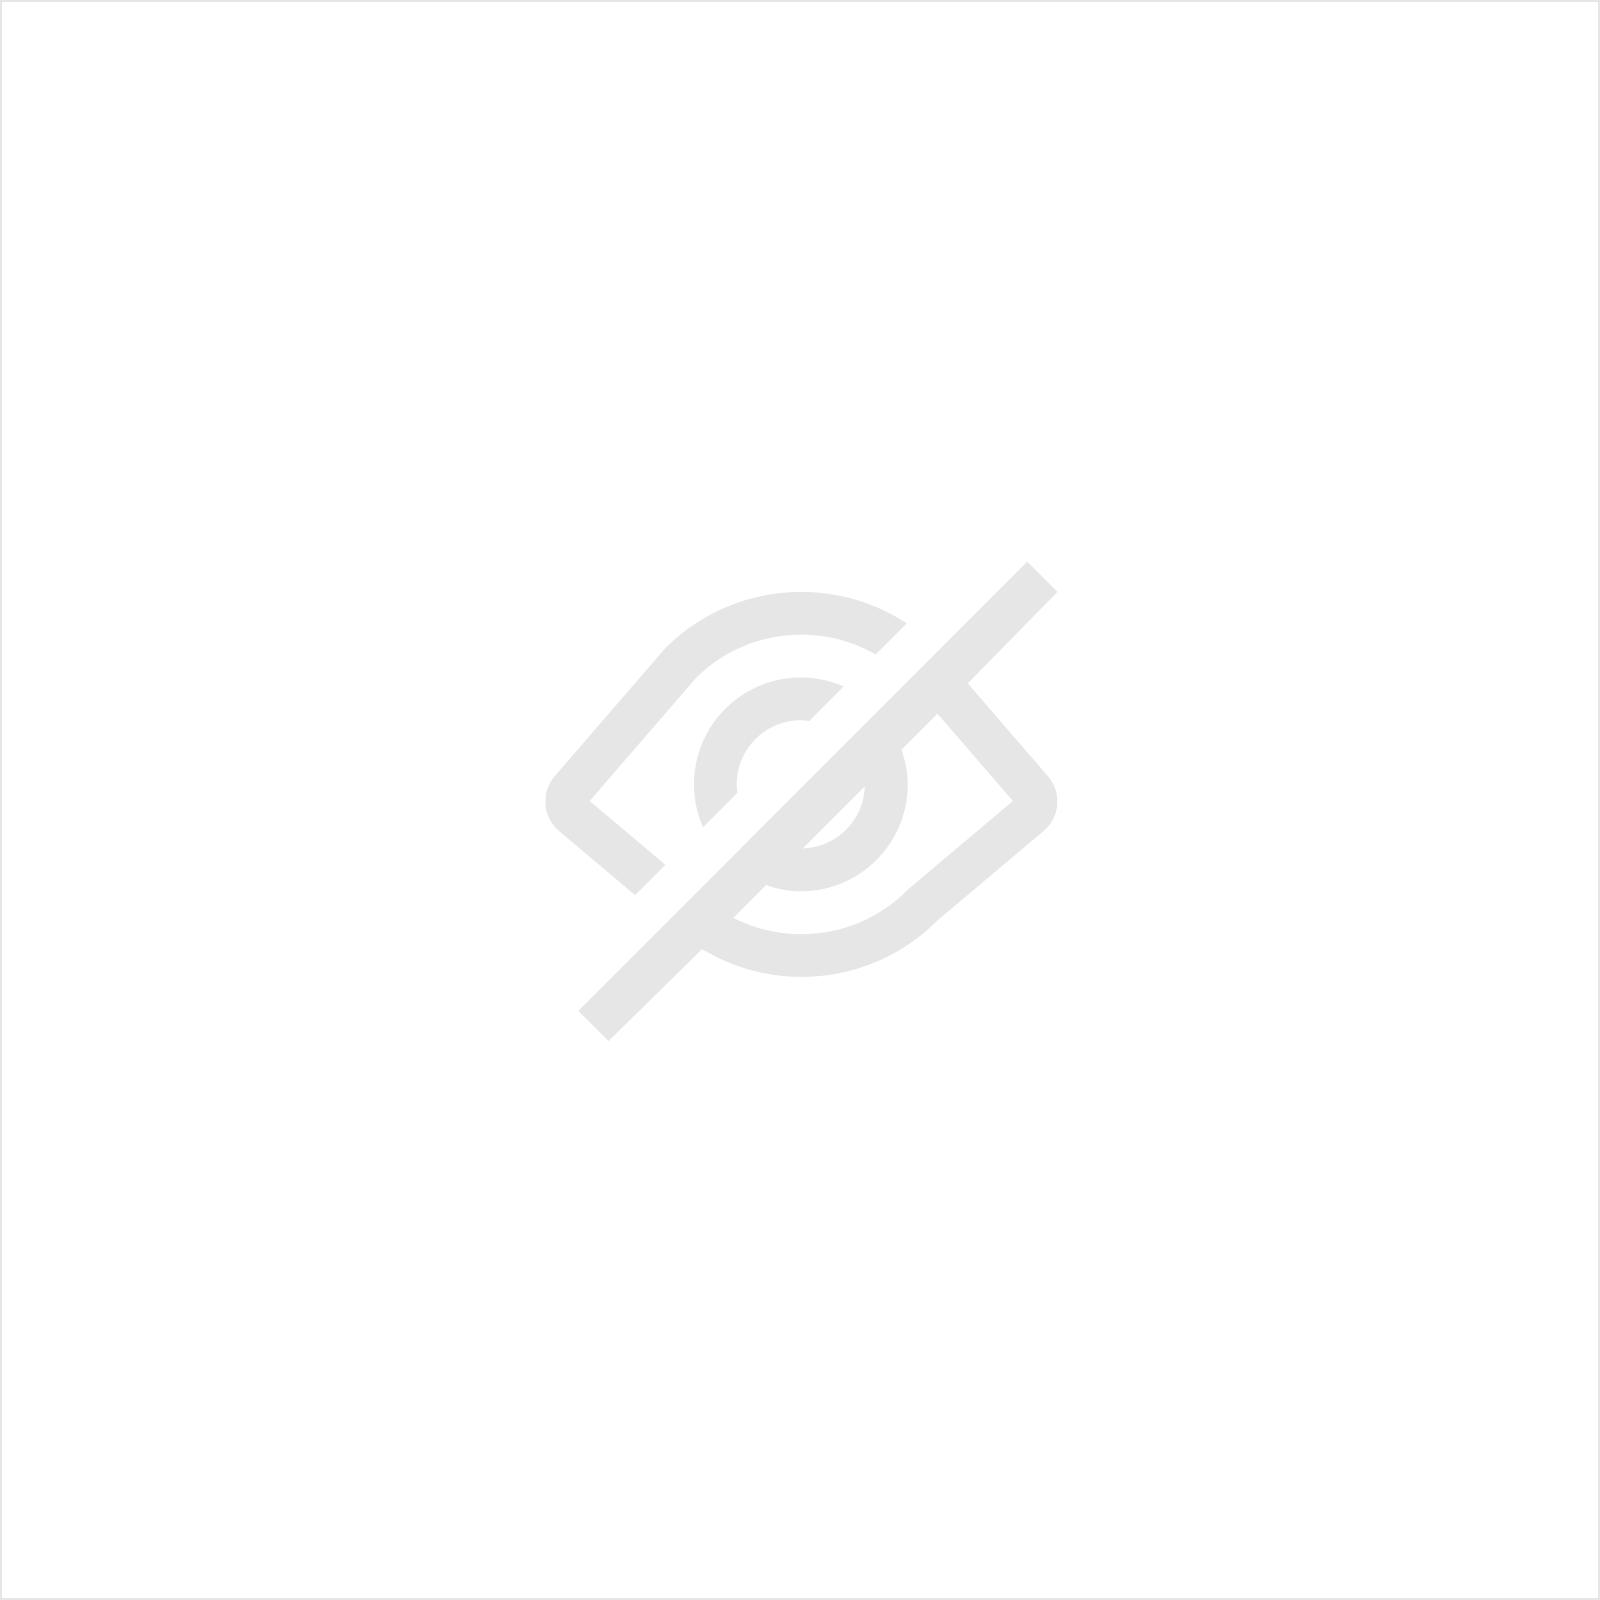 MOLETTES OPTIONELLE POUR BORDEUSE MOULUREUSE 6 MM